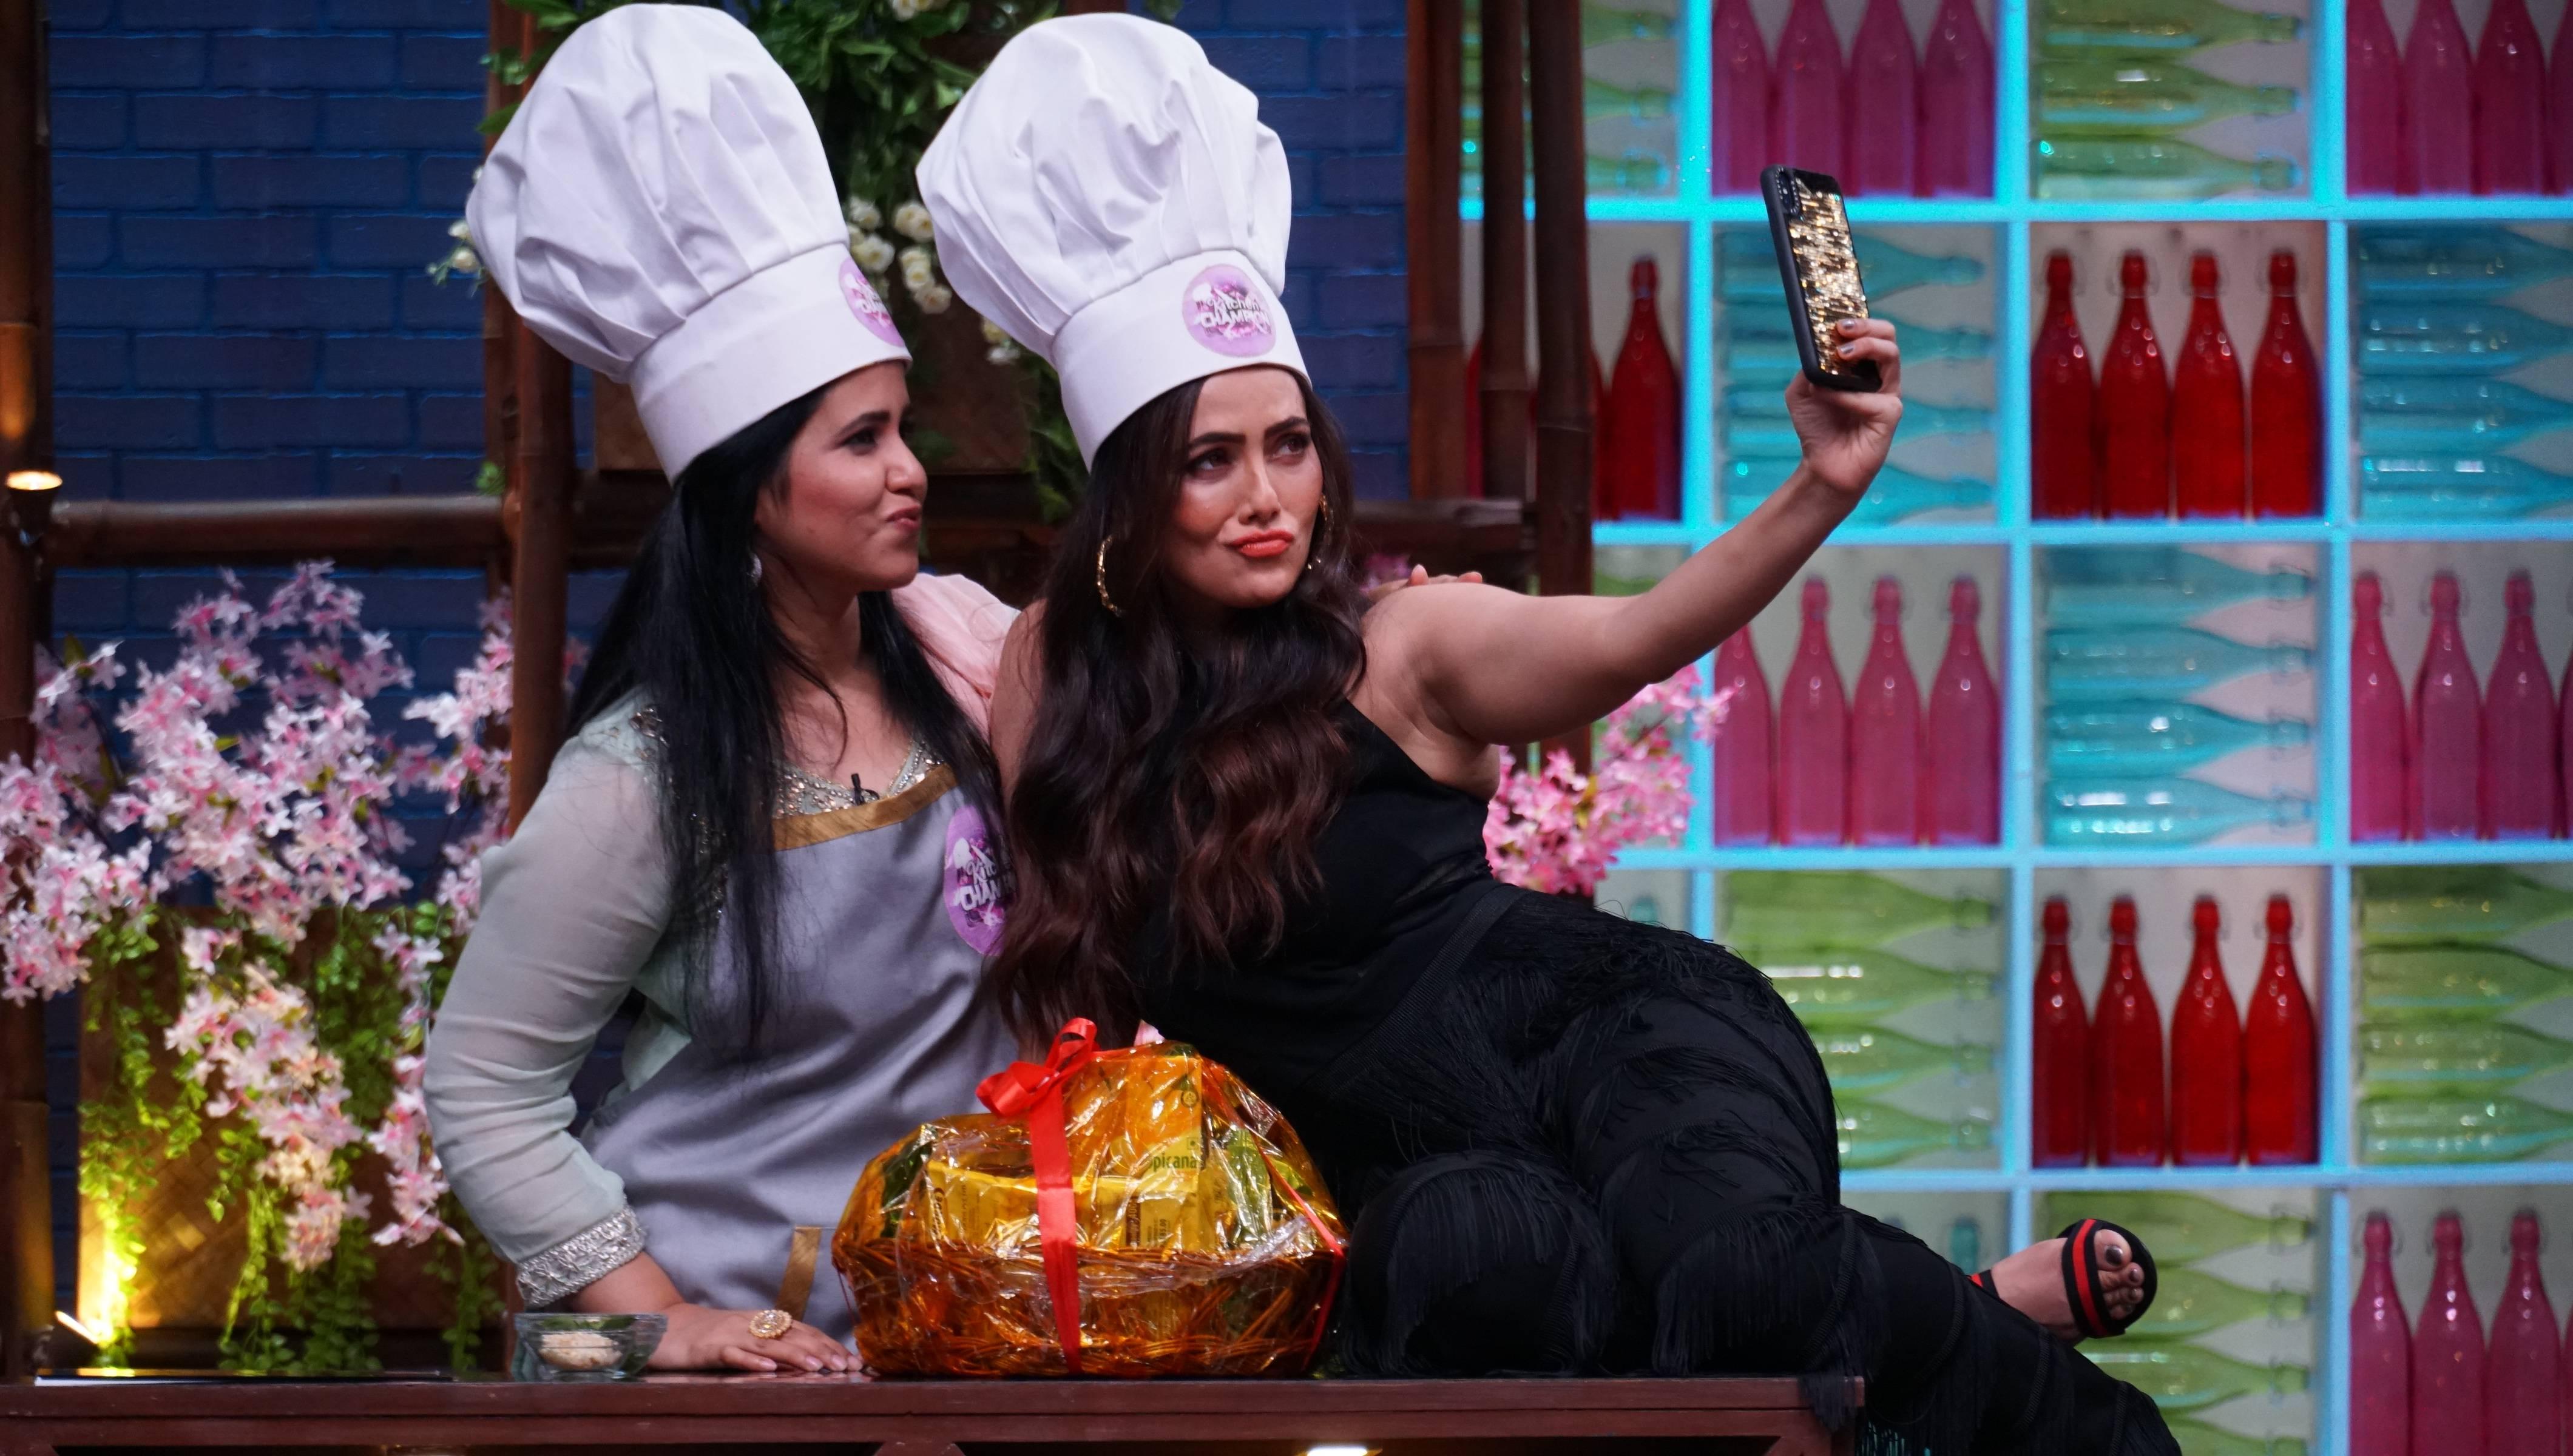 Kya hua jab Sana aur Parth ki mazedaar jodi aayi Kitchen Champions par?